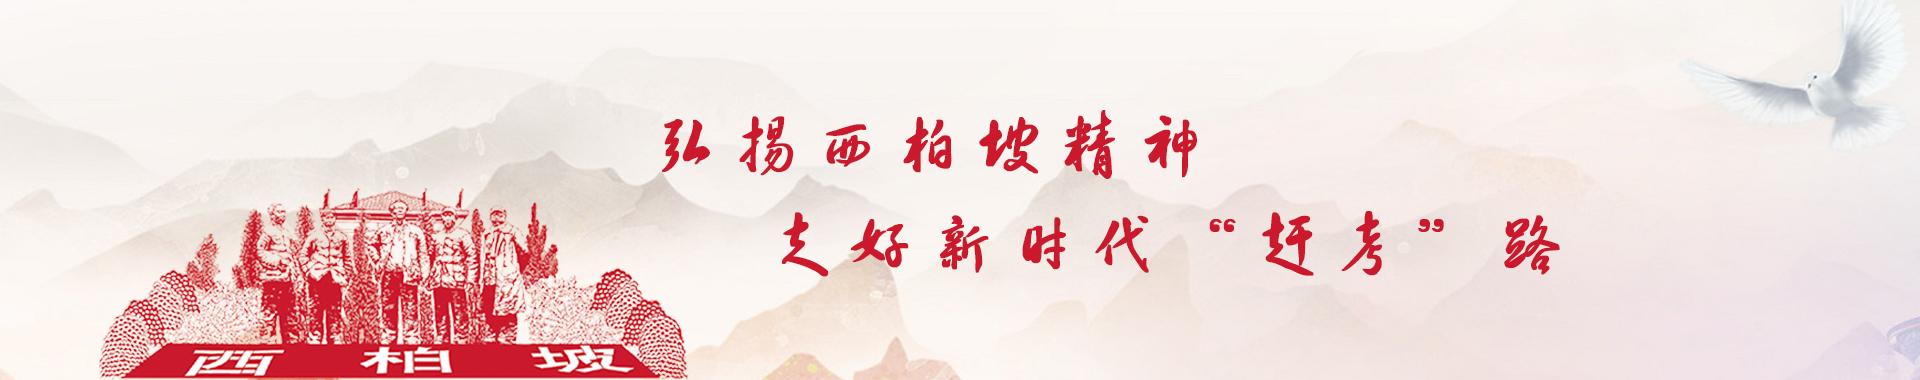 河北师大企业培训